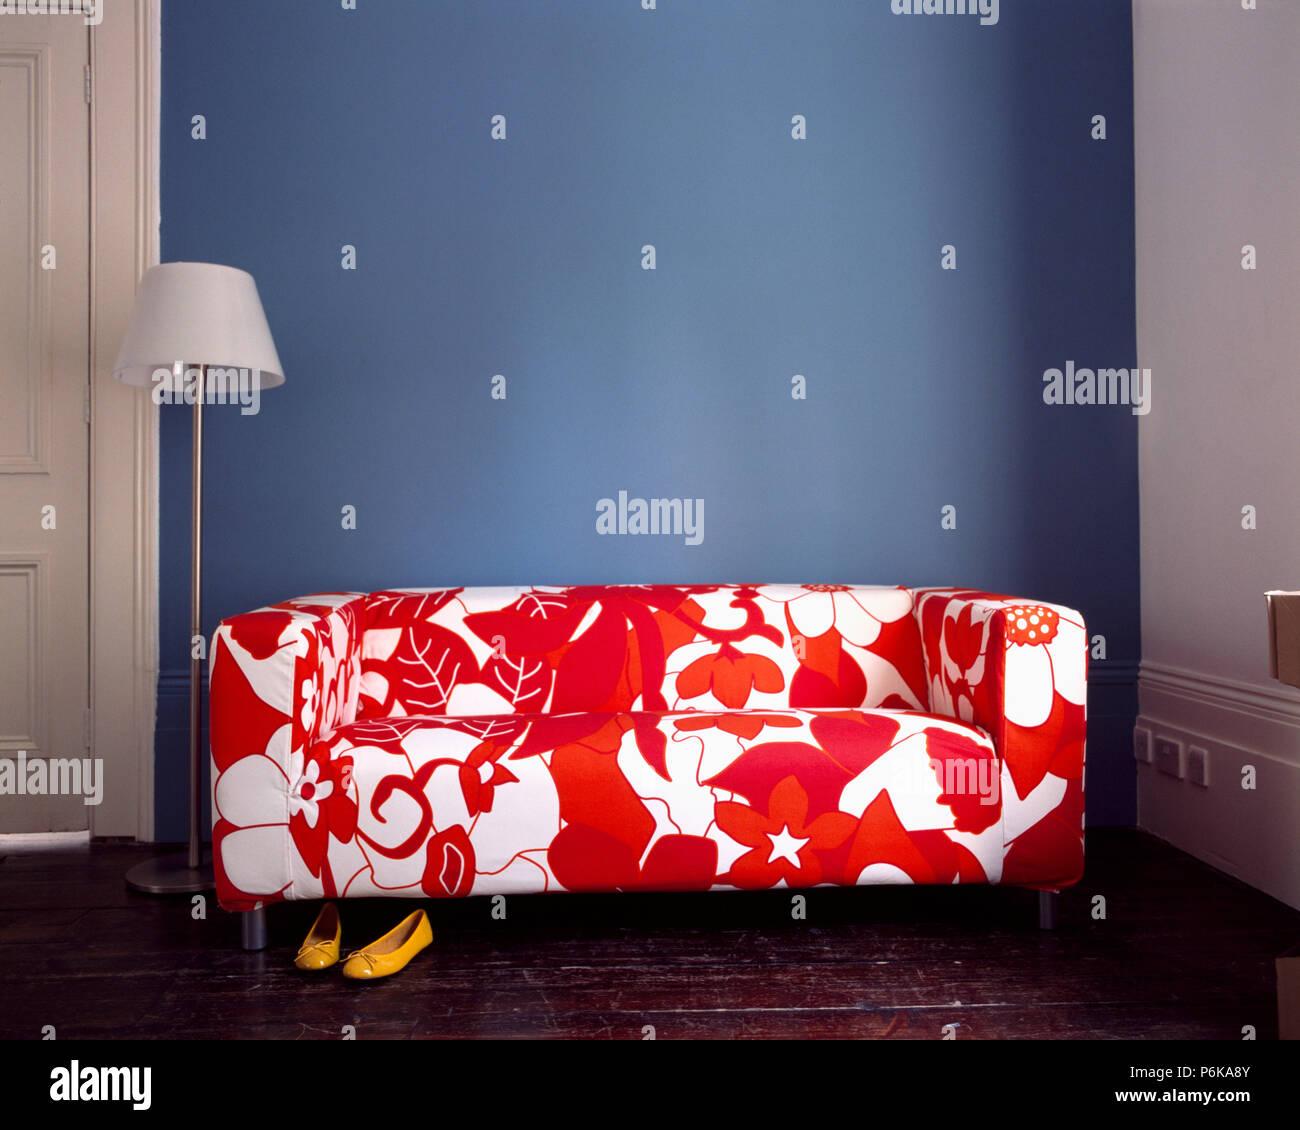 In Der Nahe Von Modernes Rot Weiss Gemusterten Sofa Stockfoto Bild